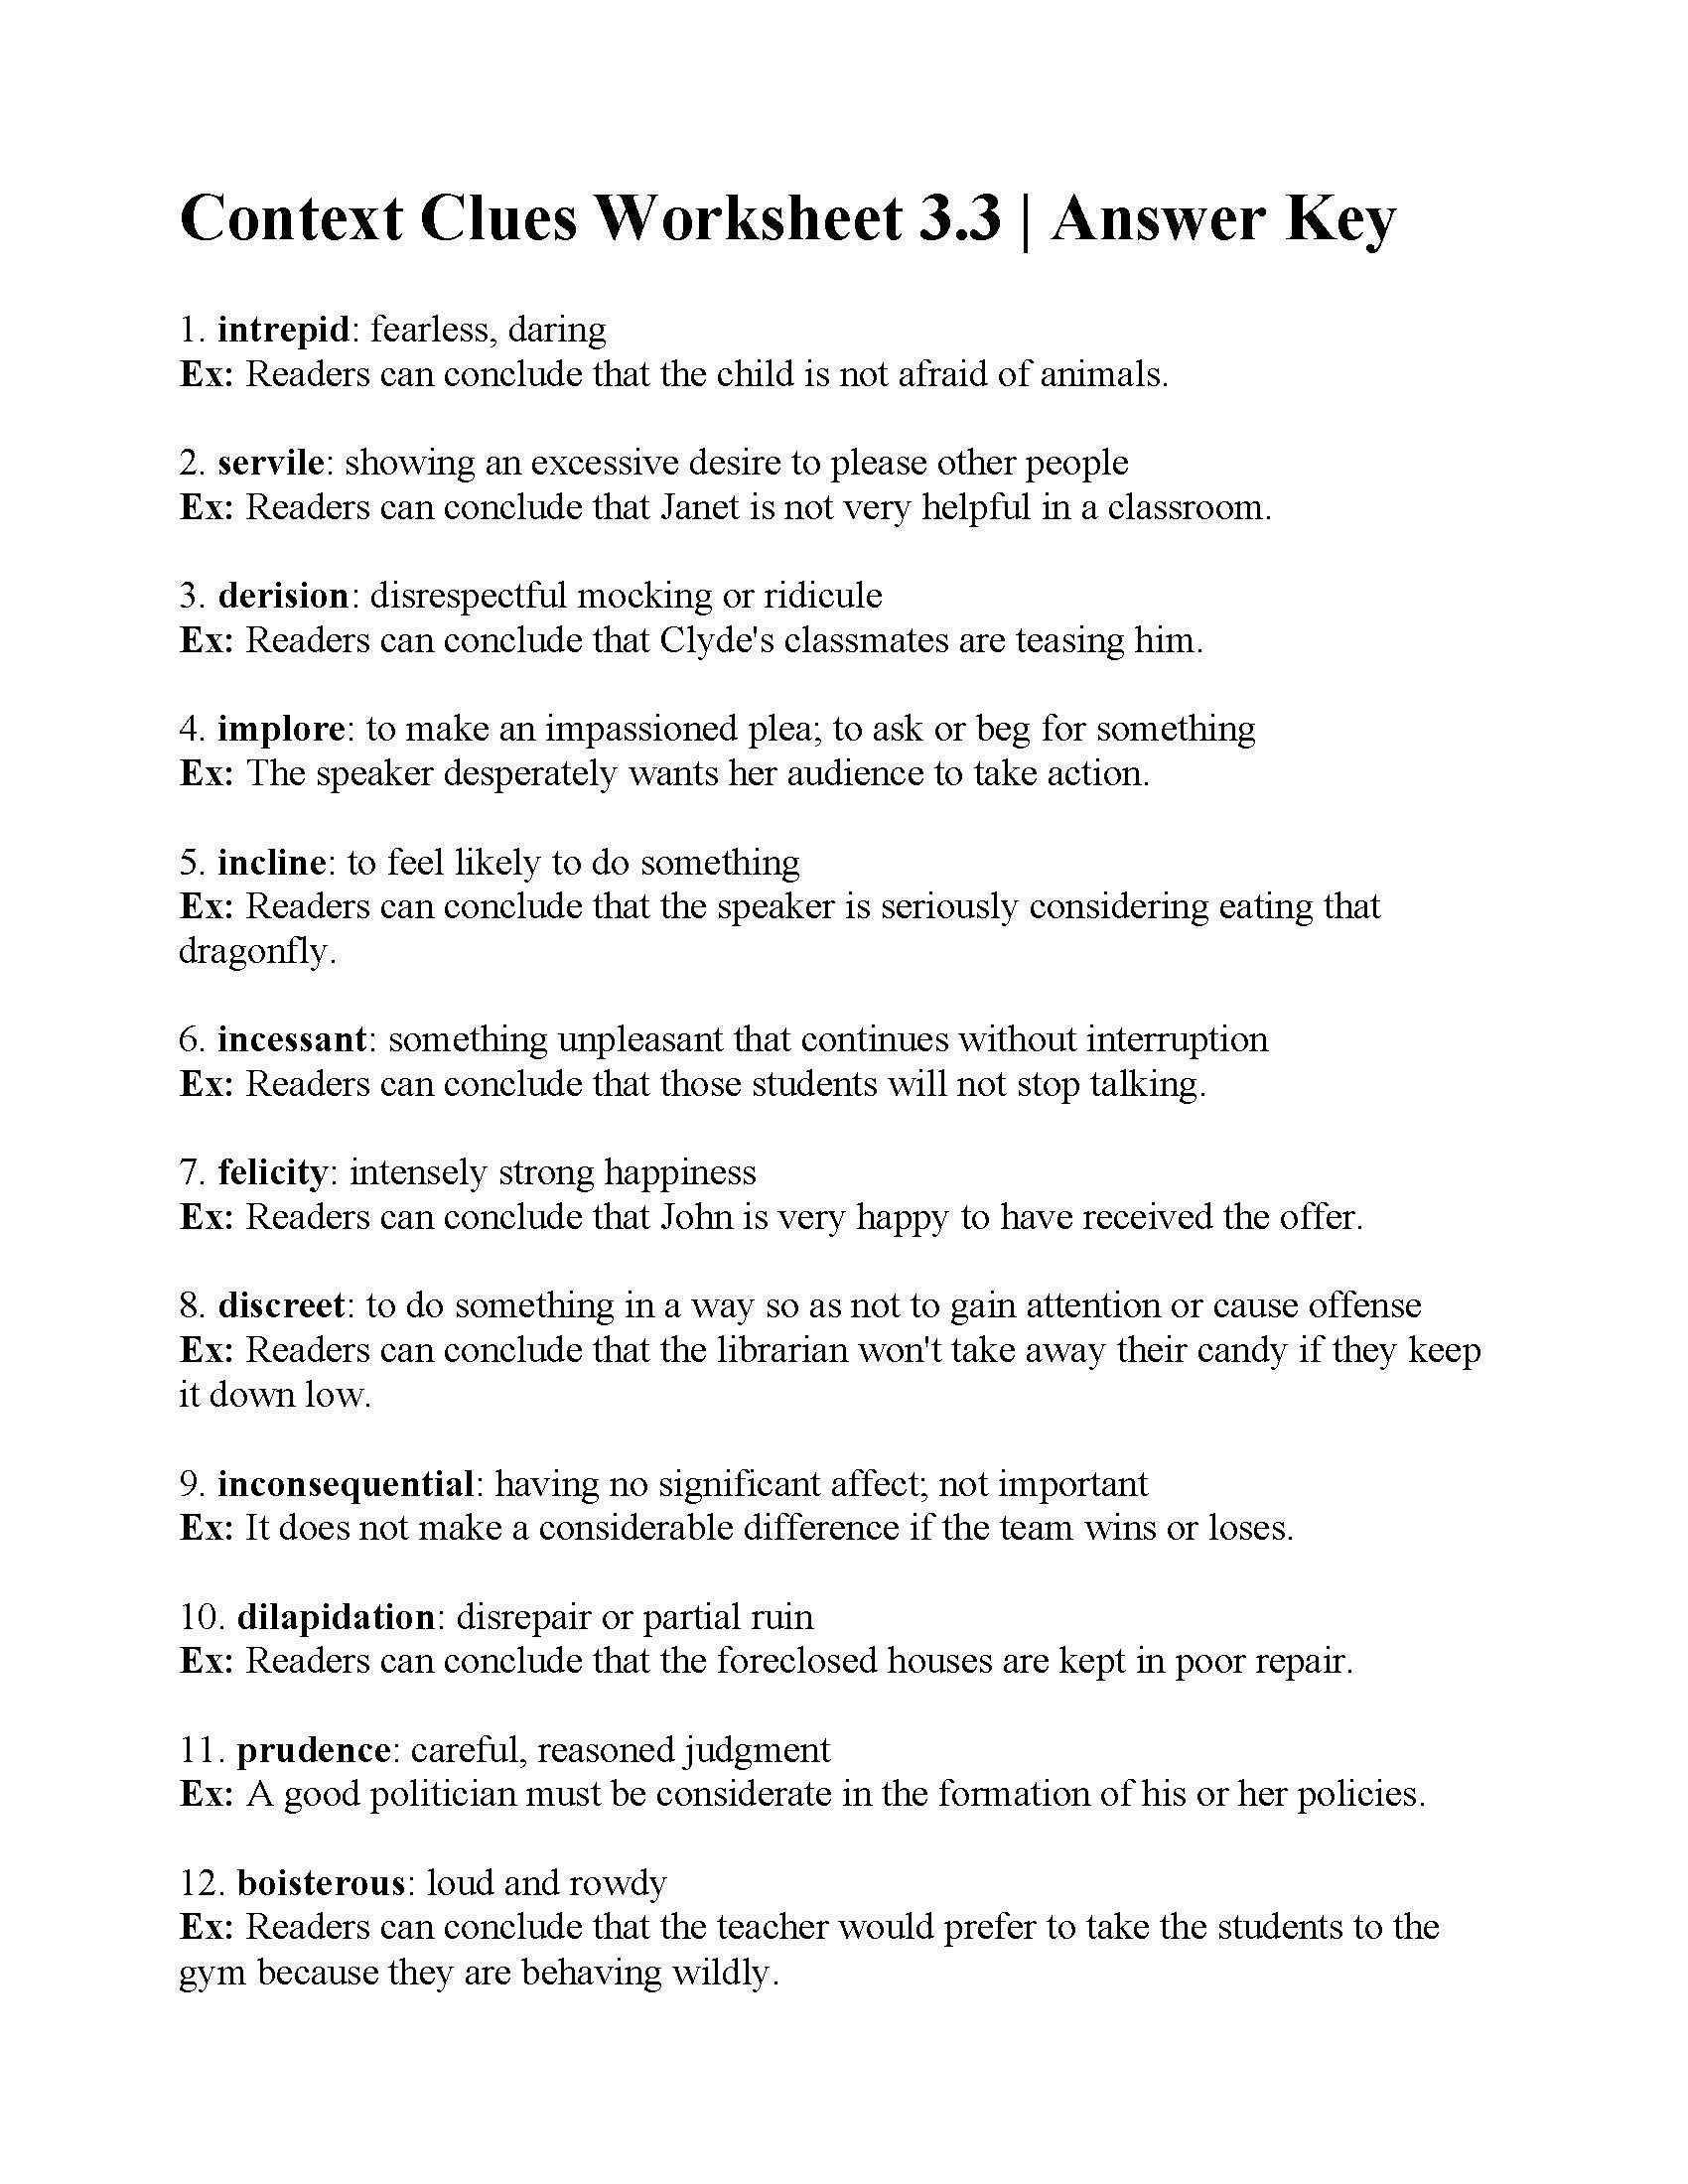 Context Clues Worksheets Grade 5 Context Clues Worksheet 3 3